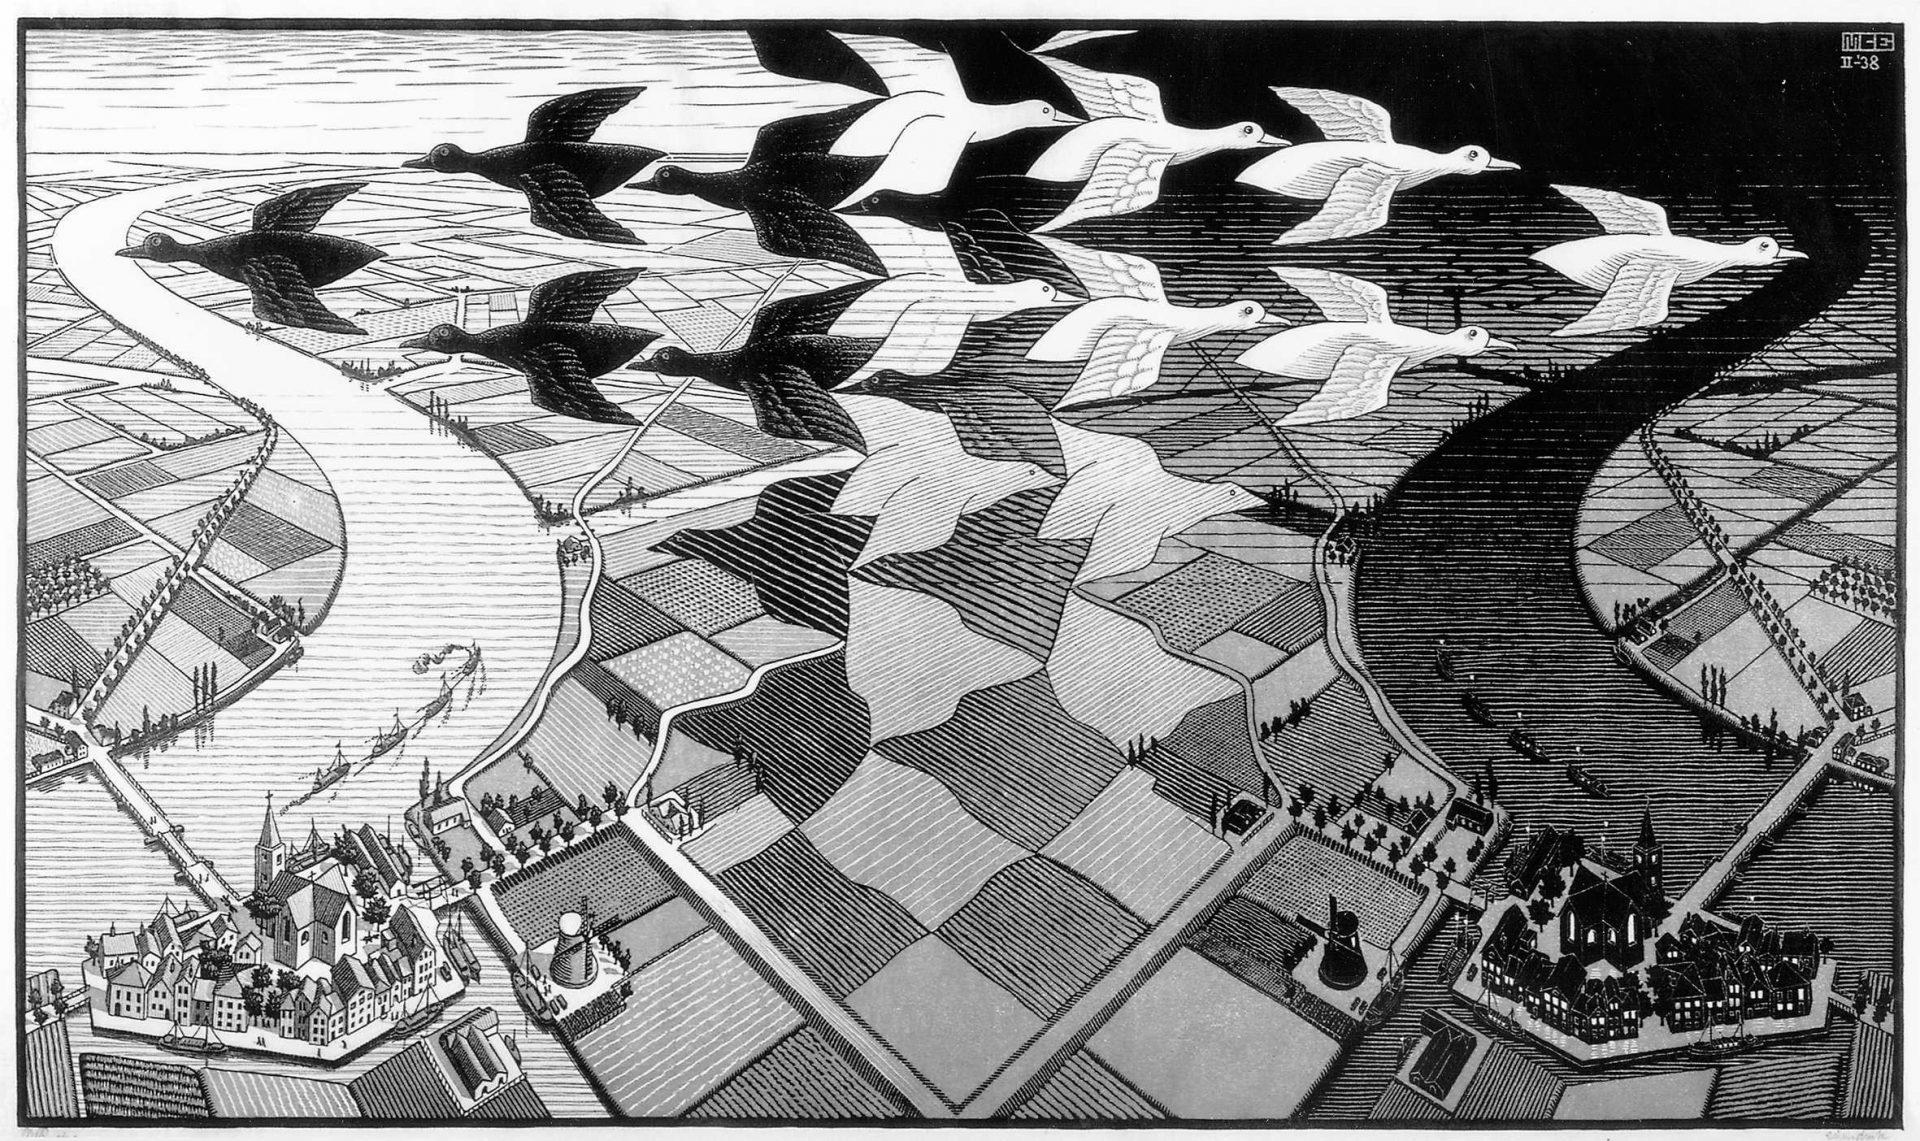 Trabalho do artista holandês M. C. Escher